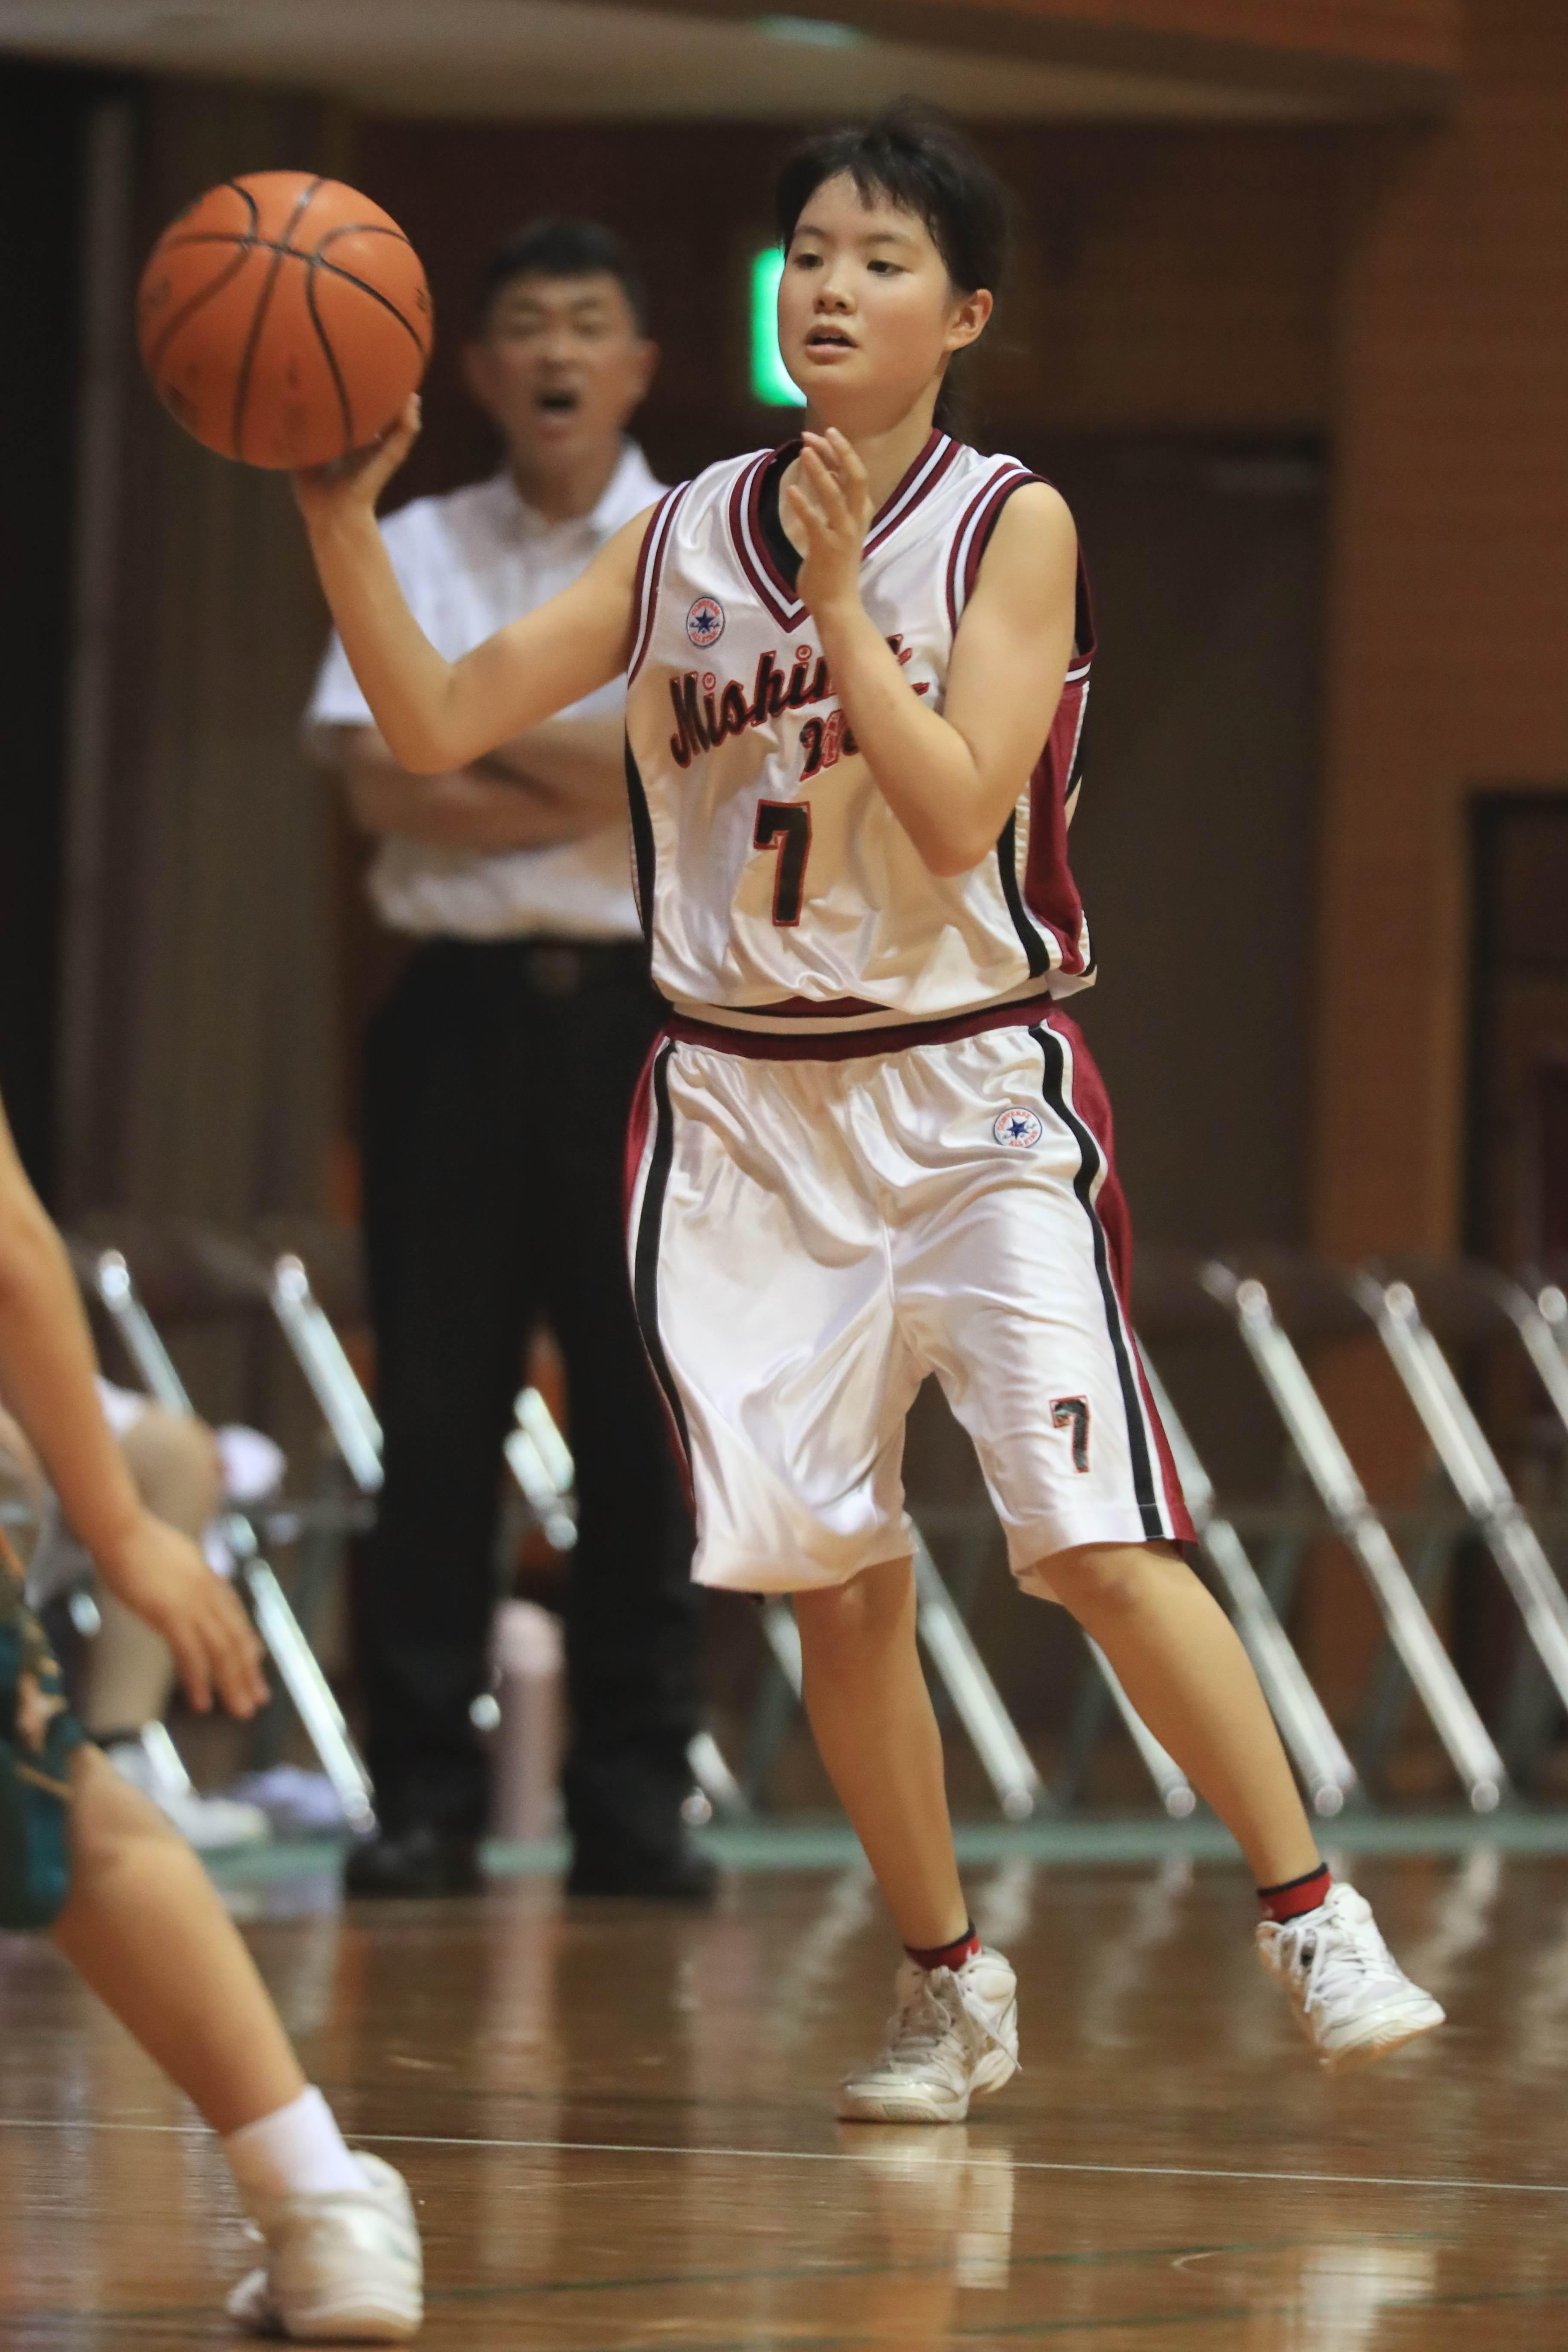 バスケットボール (59)